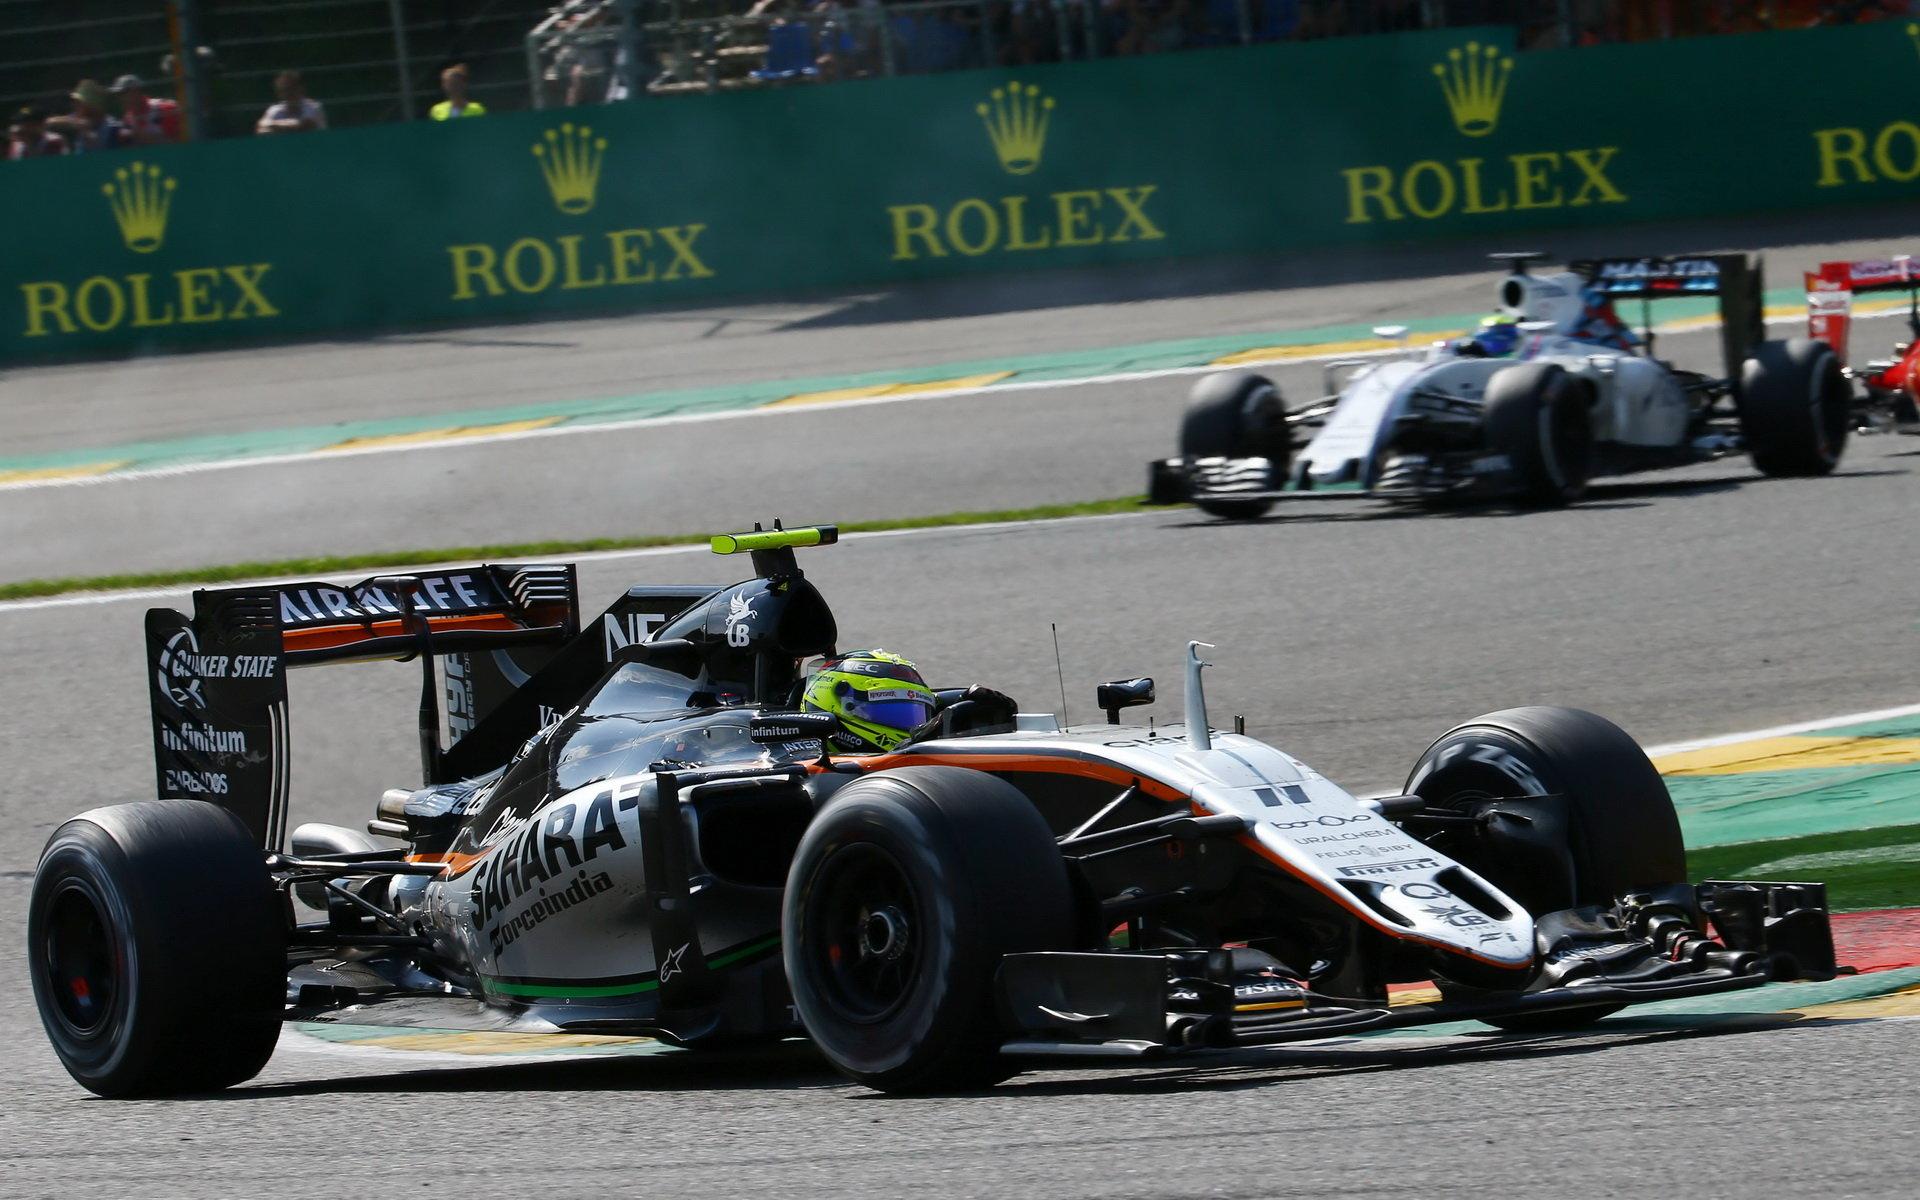 Boj s Williamsem se protáhne až do posledního závodu, odhaduje Force India - anotační obrázek